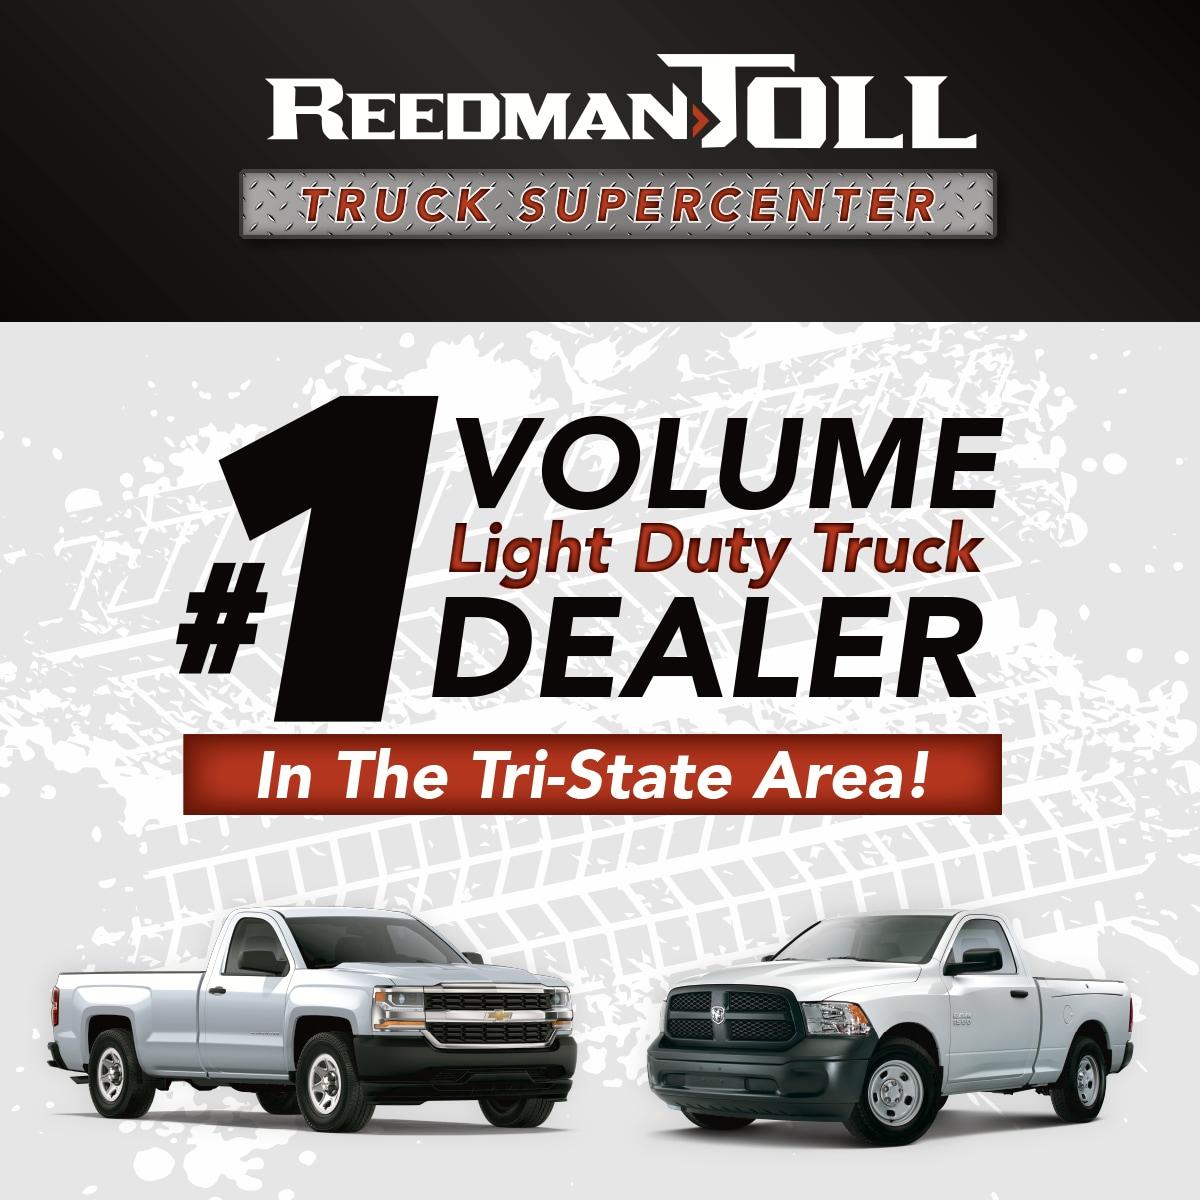 Reedman Toll Jeep >> Truck Supercenter PA | Reedman Toll Truck Supercenter ...